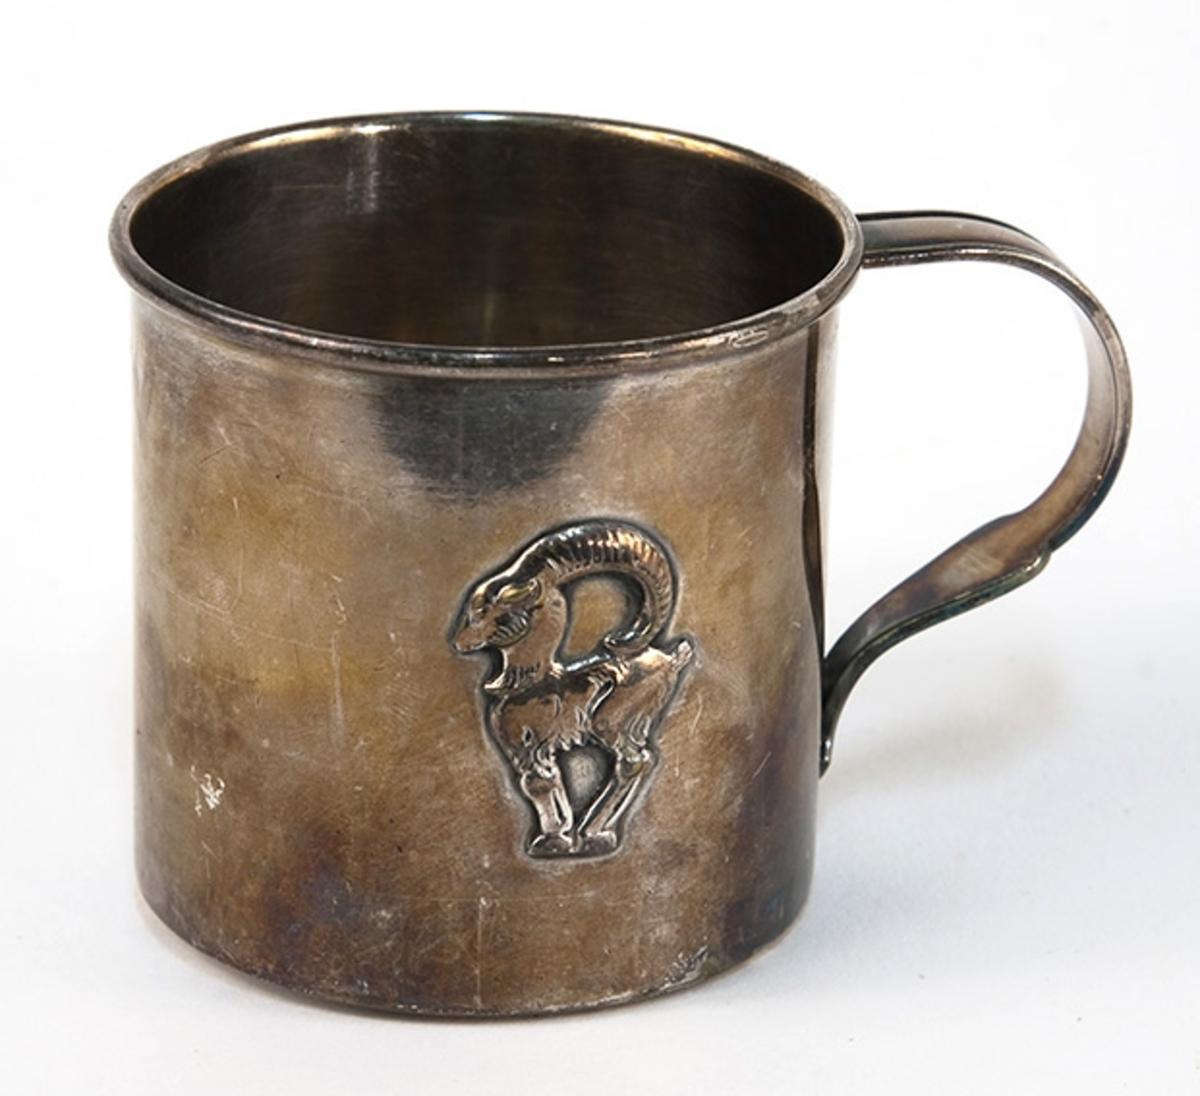 Dåpskrus. Dyrefigur på siden (stenbukk). Gravert tekst Snorre 22-3-42. Sølv eller sølvplett.